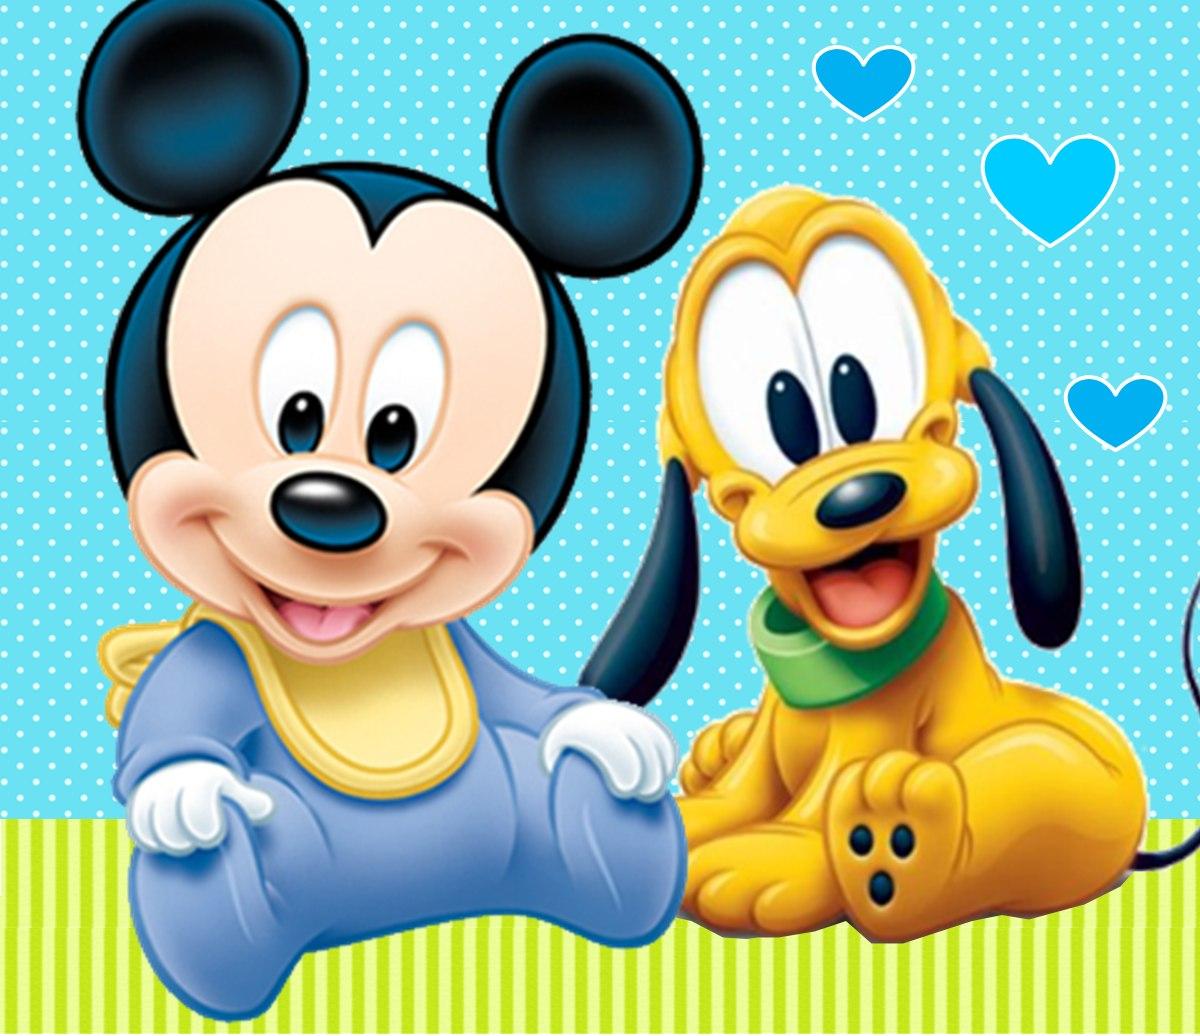 Fondos De Mickey Mouse Bebe Fondos De Pantalla